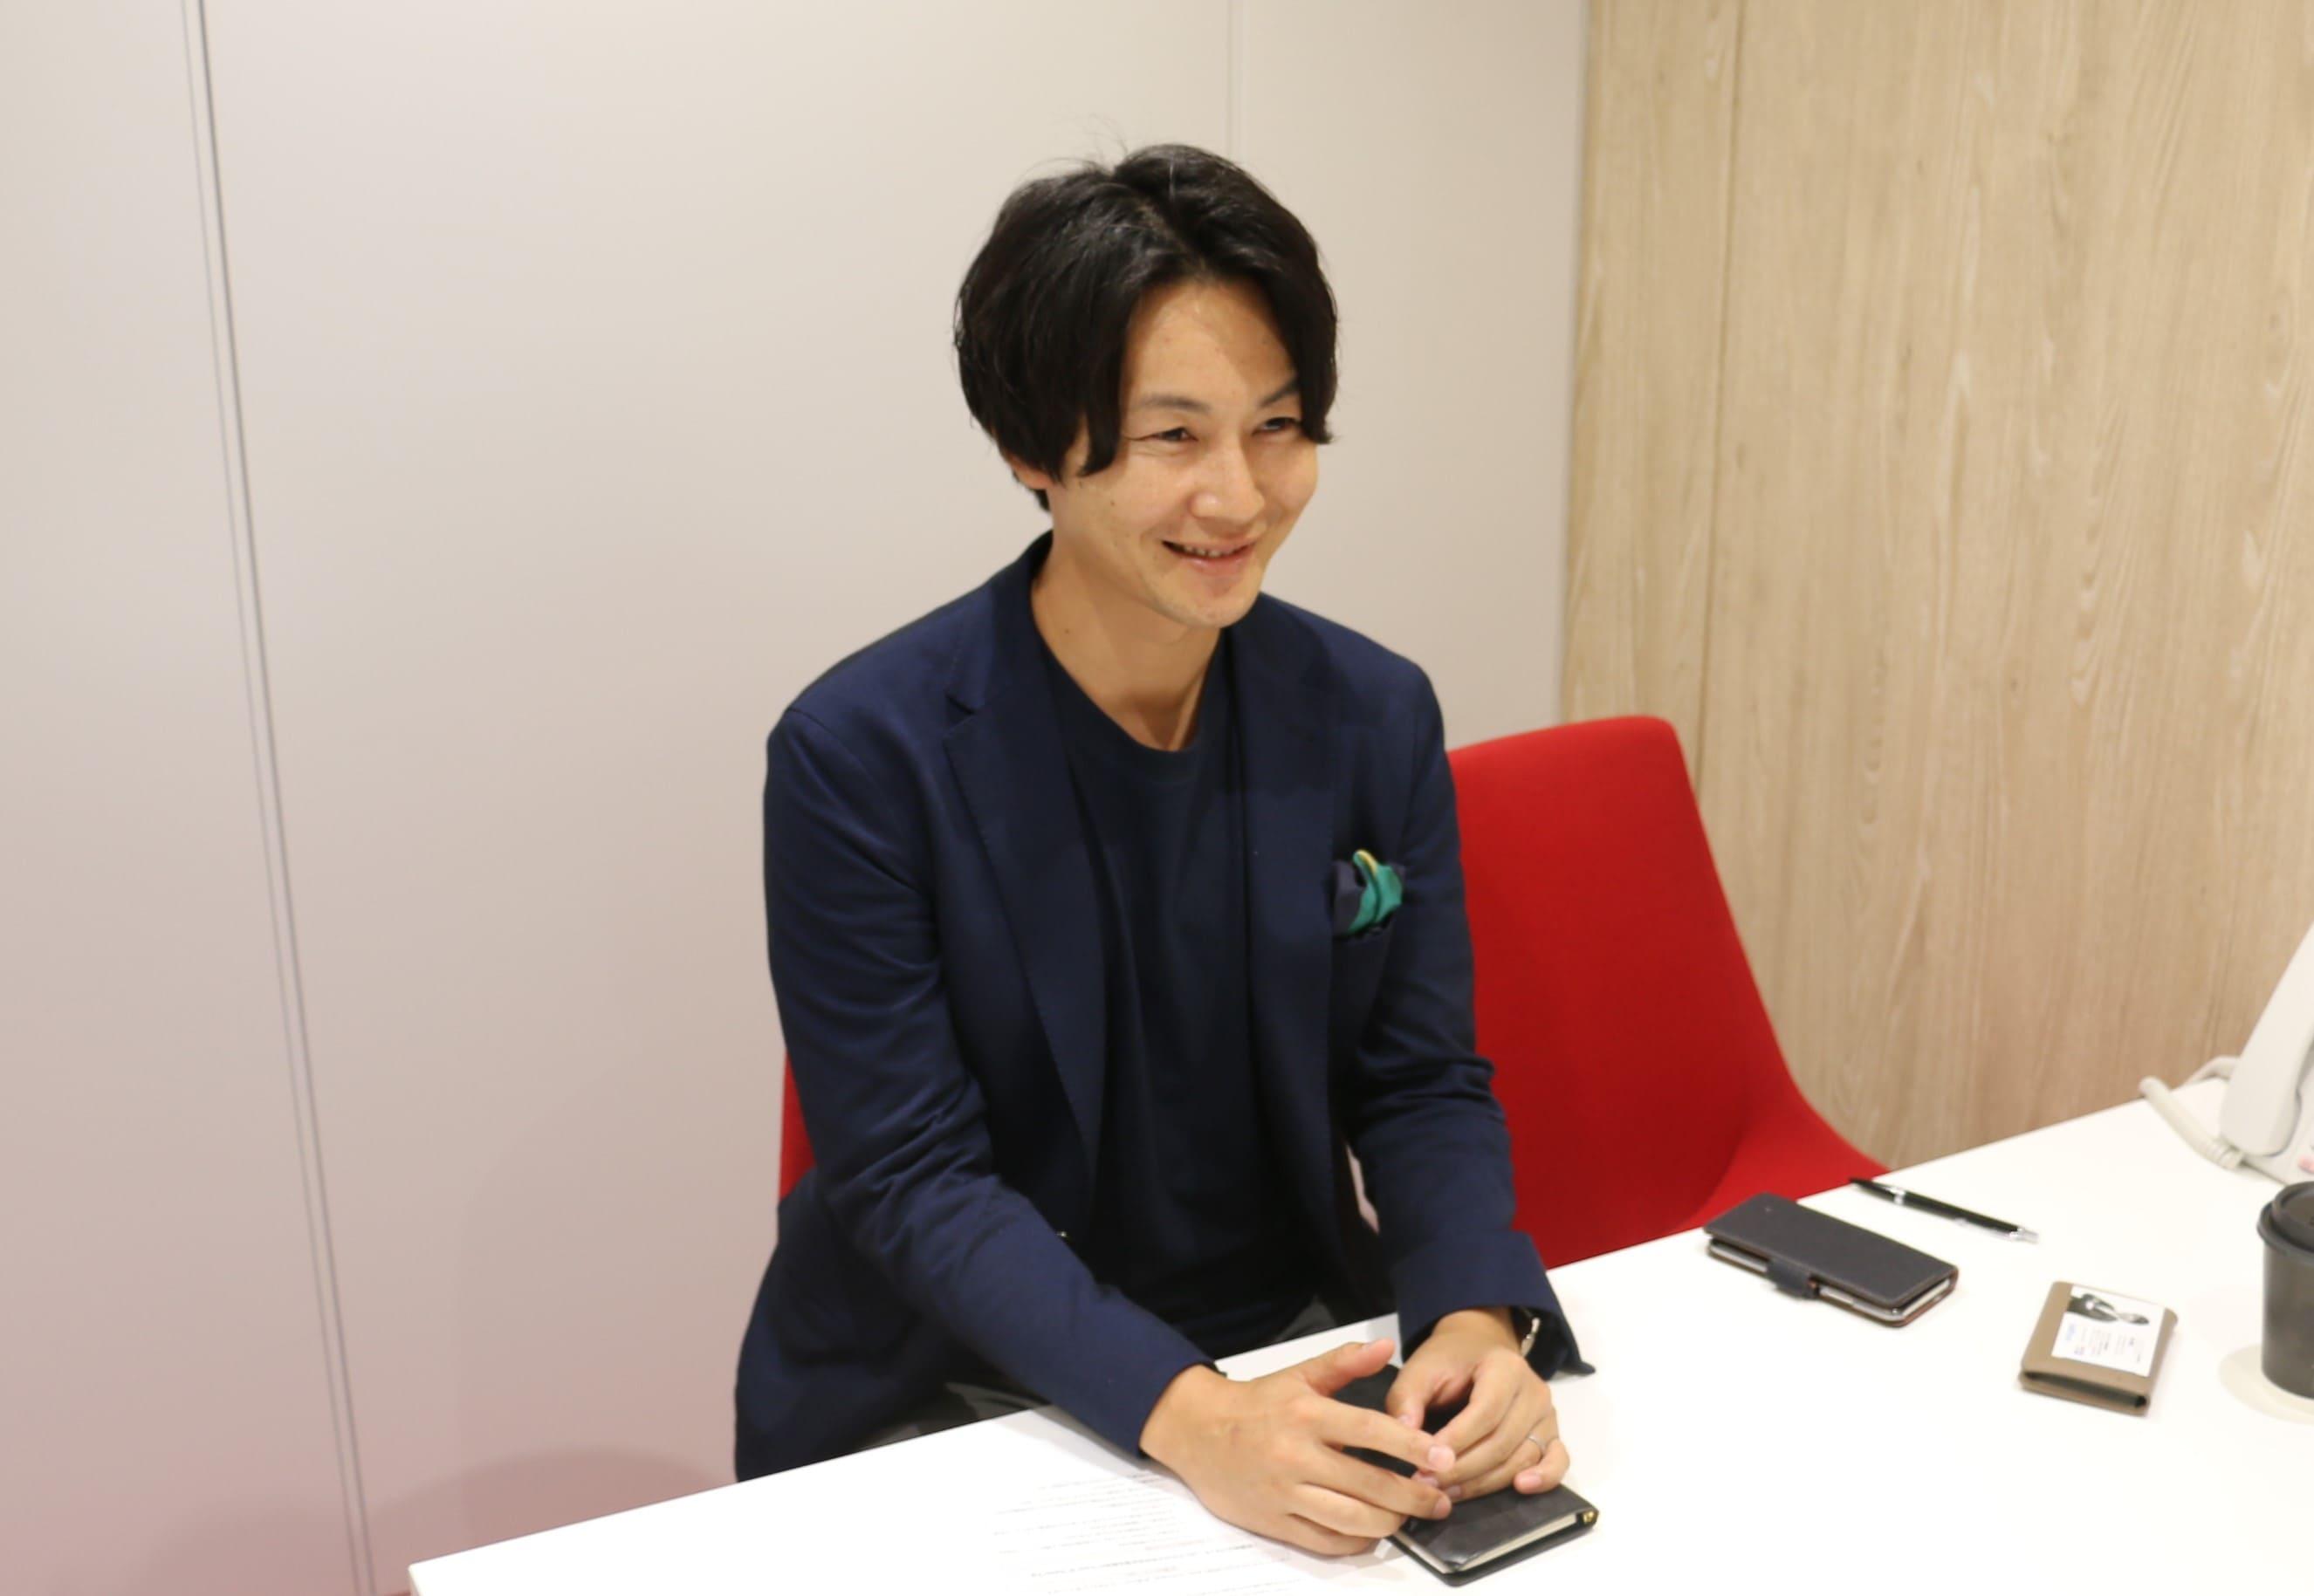 インタビュー中の今井さんの写真